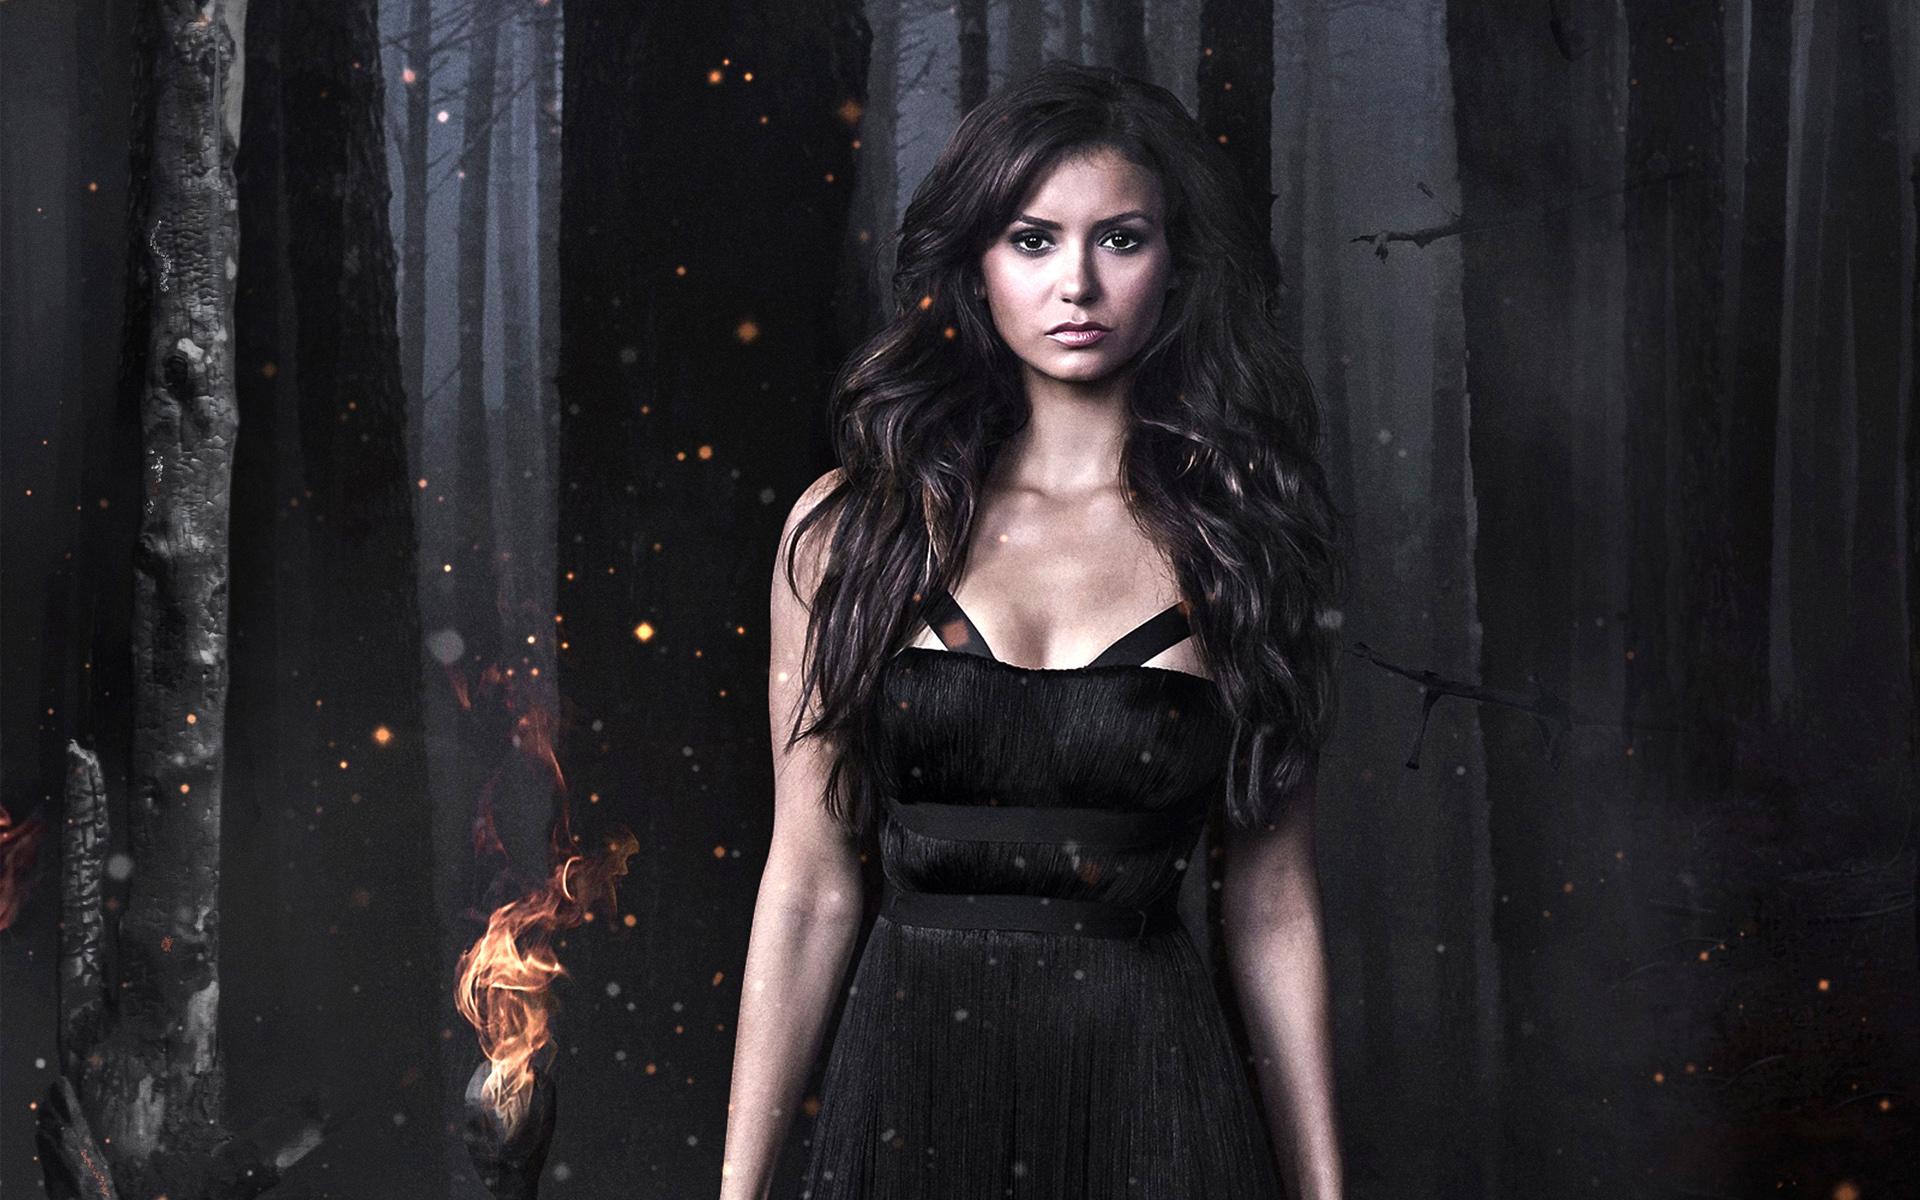 Nina Dobrev In The Vampire Diaries Wallpaper - Nina Dobrev Photoshoot The Vampire Diaries , HD Wallpaper & Backgrounds